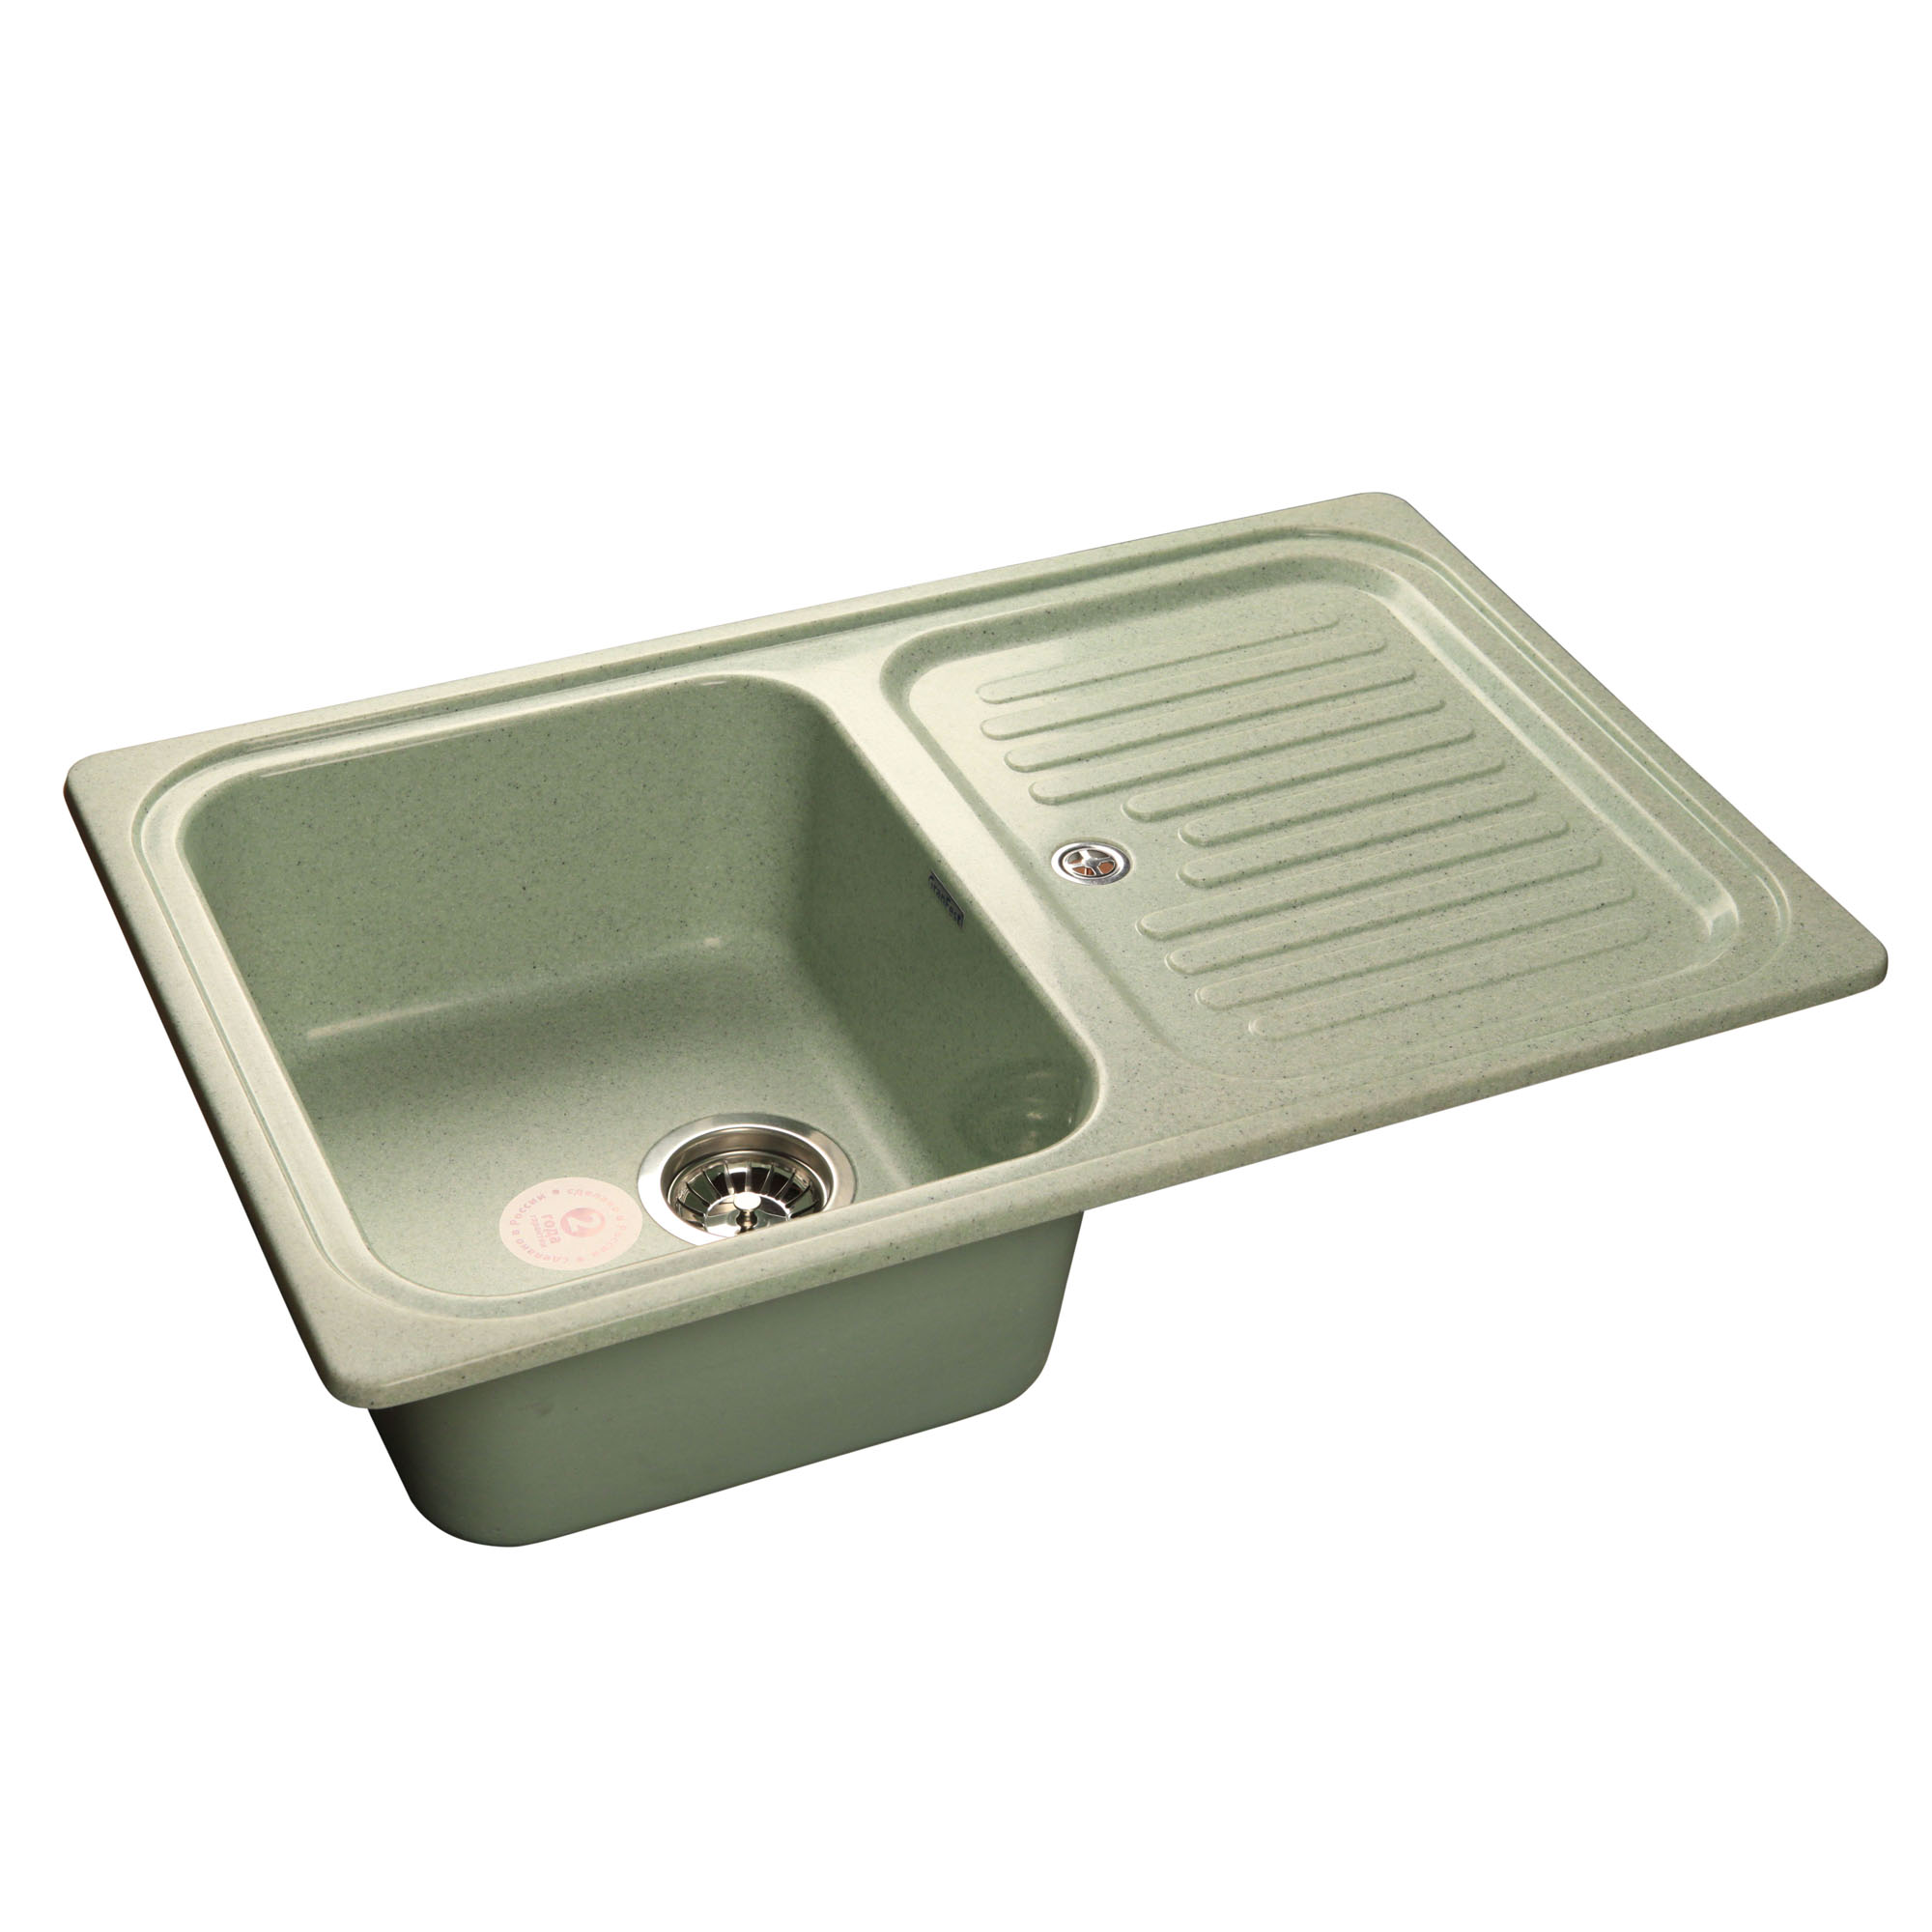 Кухонная мойка GranFest Standart GF-S780L салатовый мойка кухонная granfest gf s780l песок чаша крыло